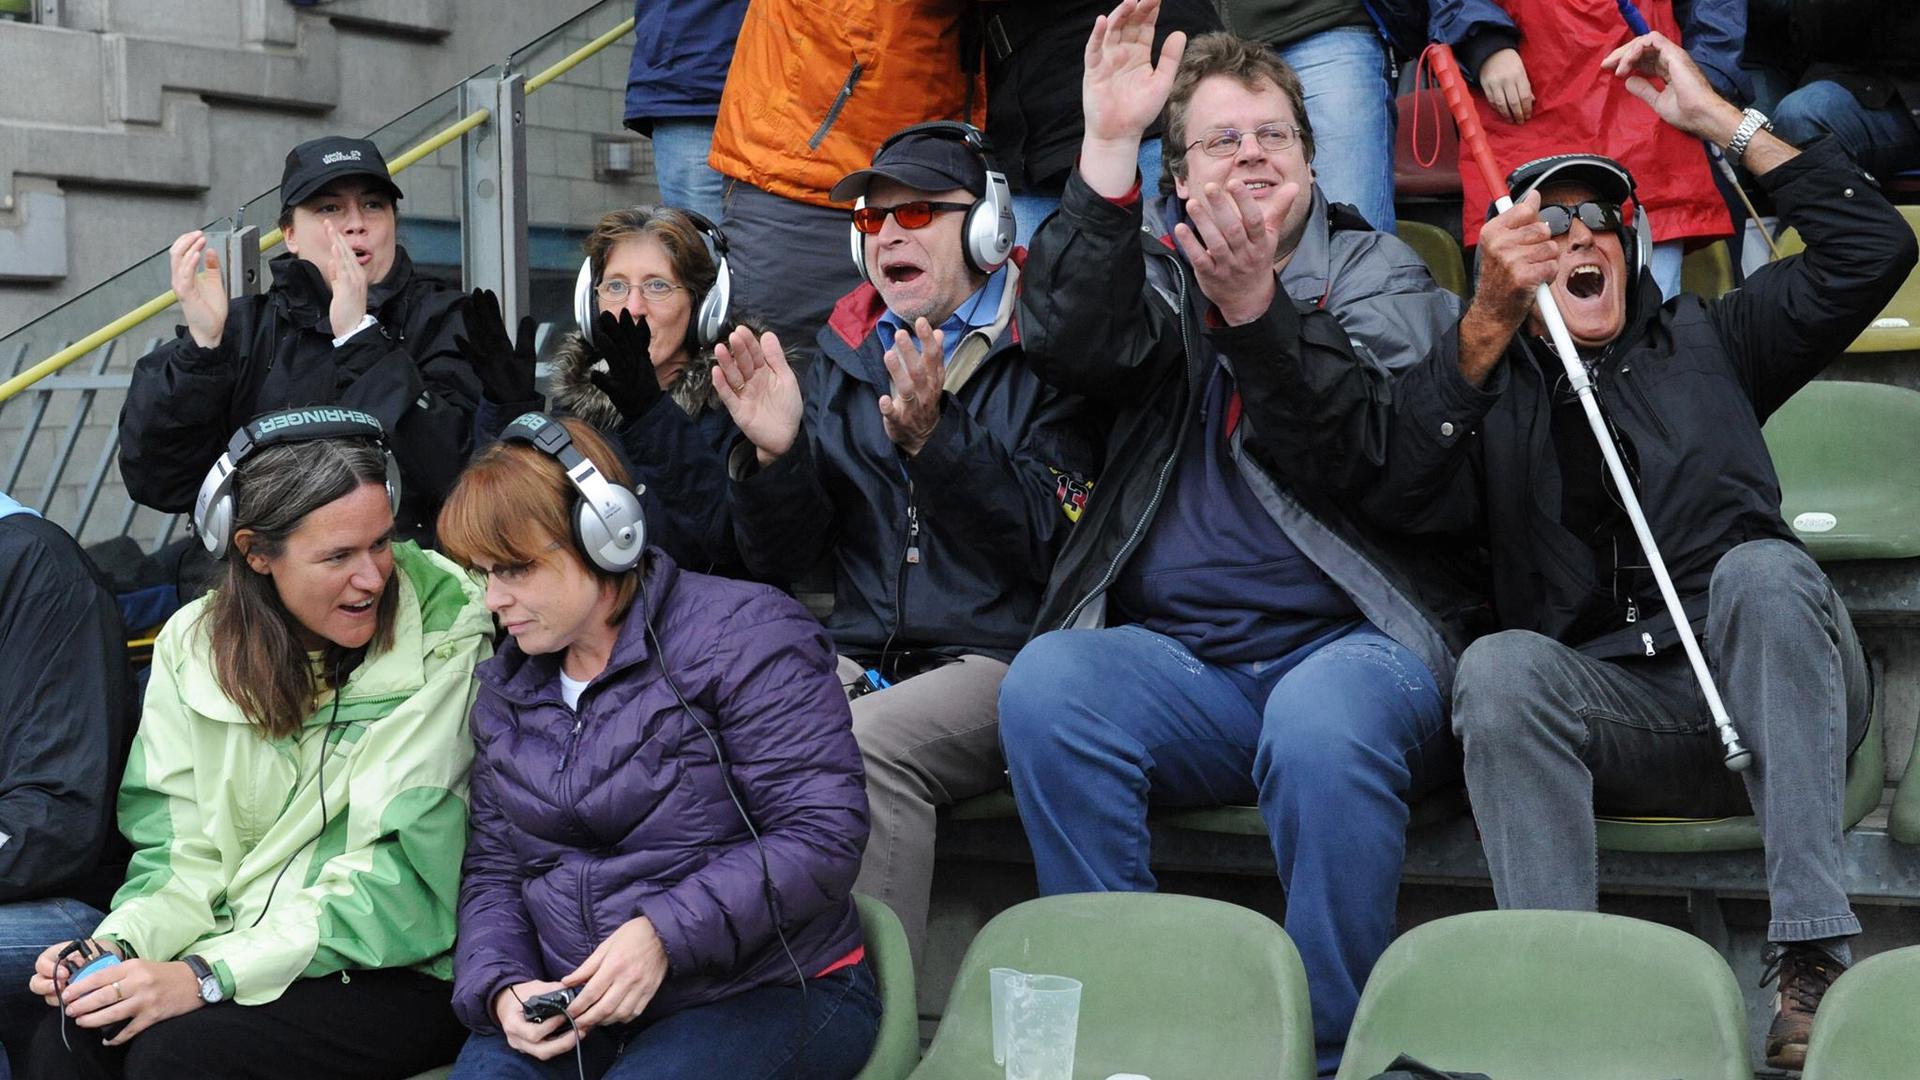 Fußball-Fans im Stadion mit Kopfhörern und Blindenstock.